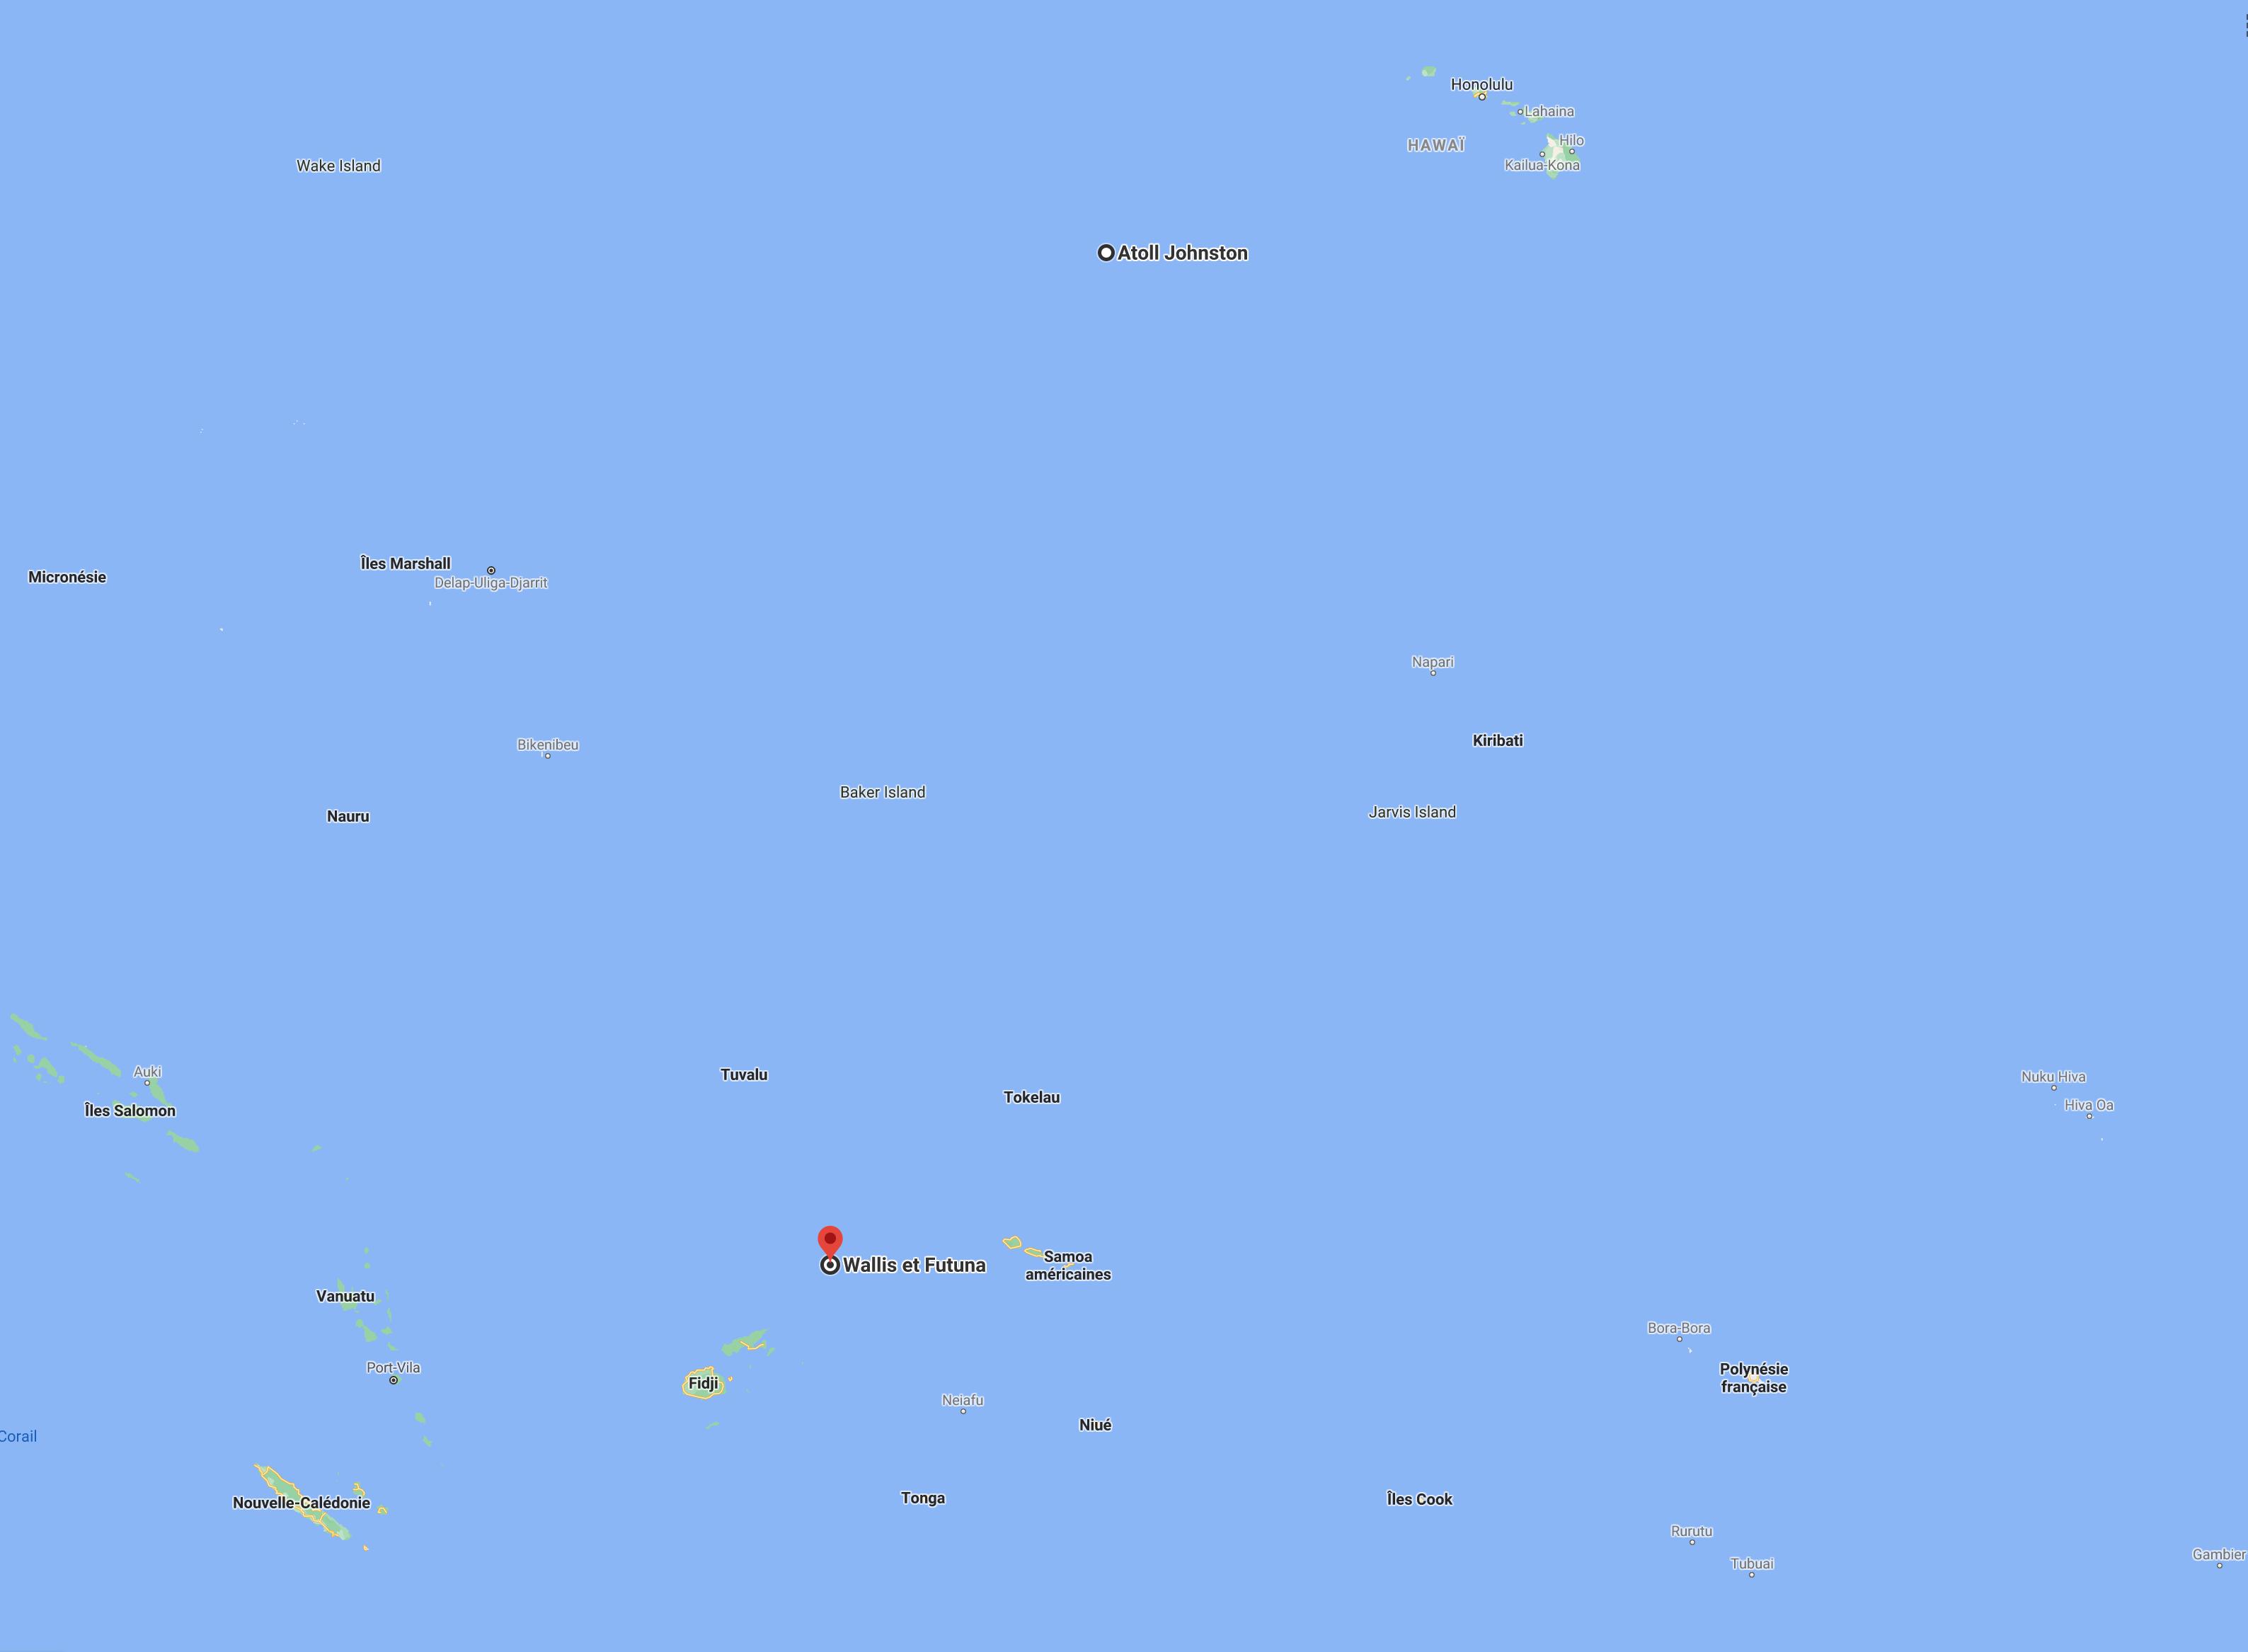 Essais nucléaires américains en Océanie : distance atoll Johnston et les autres îles du Pacifique Sud - capture d'écran Google.